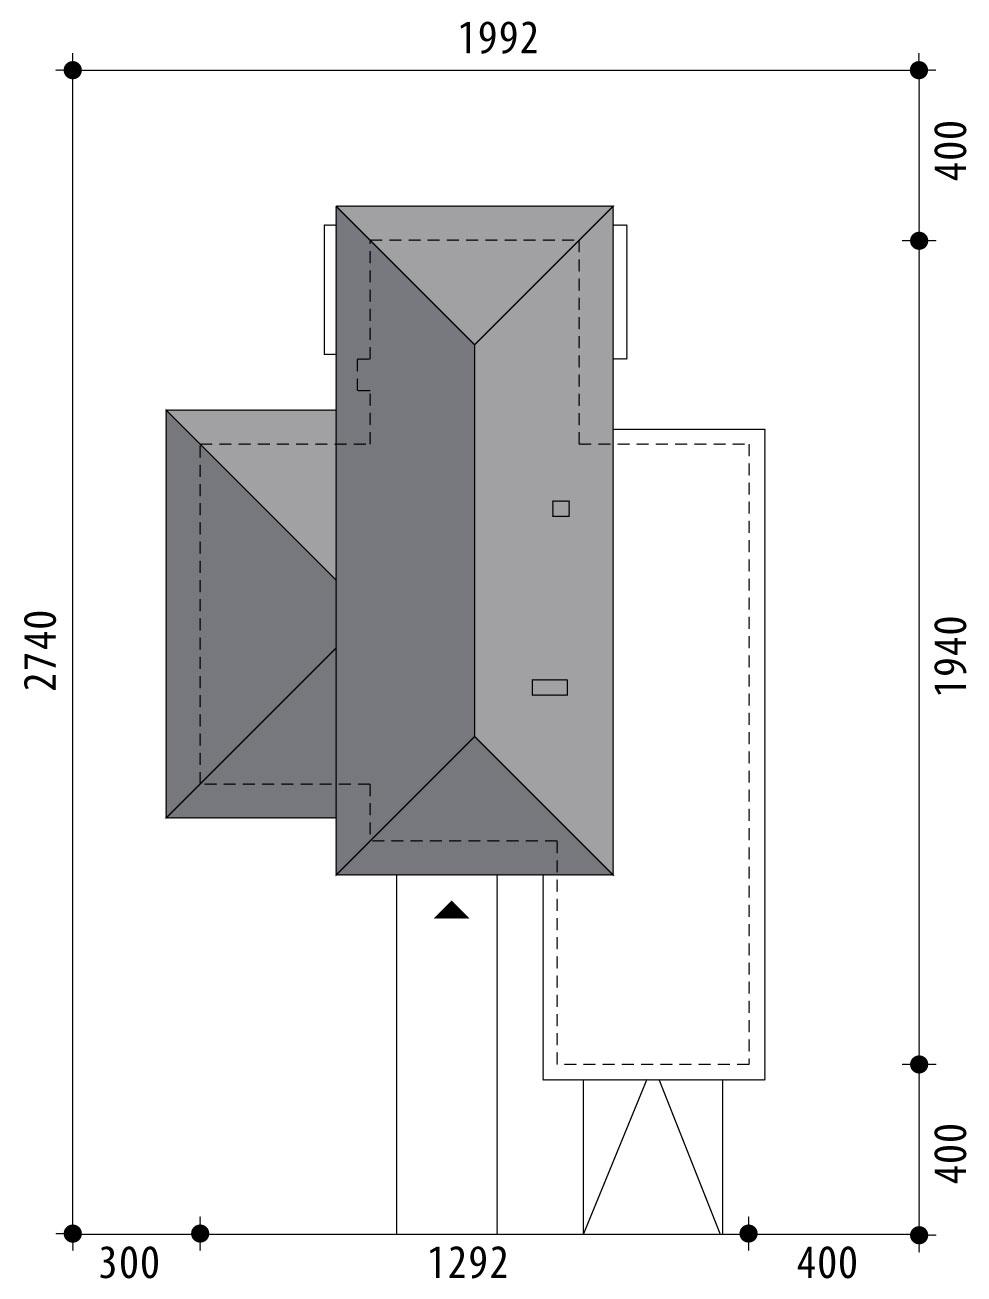 Penelopa II